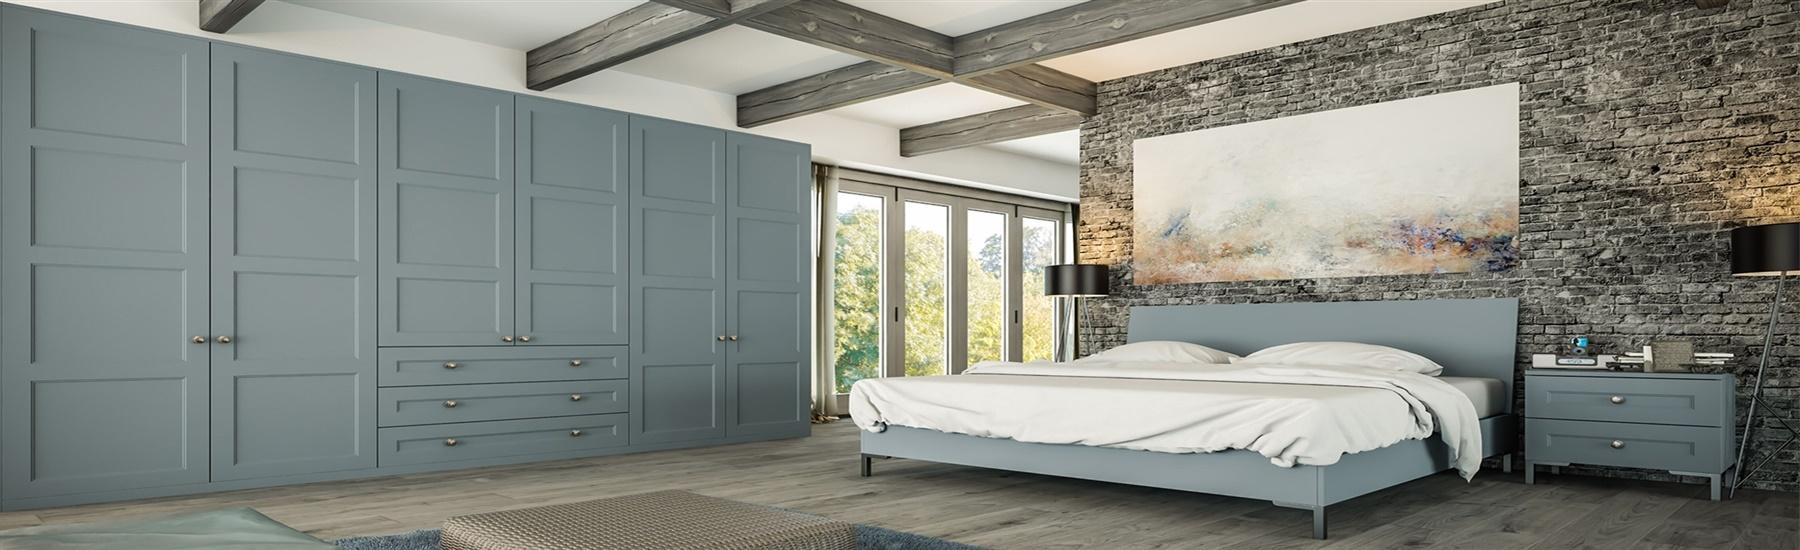 Replacement Bedroom Doors Bedroom Cupboard Doors Doors Sincerely